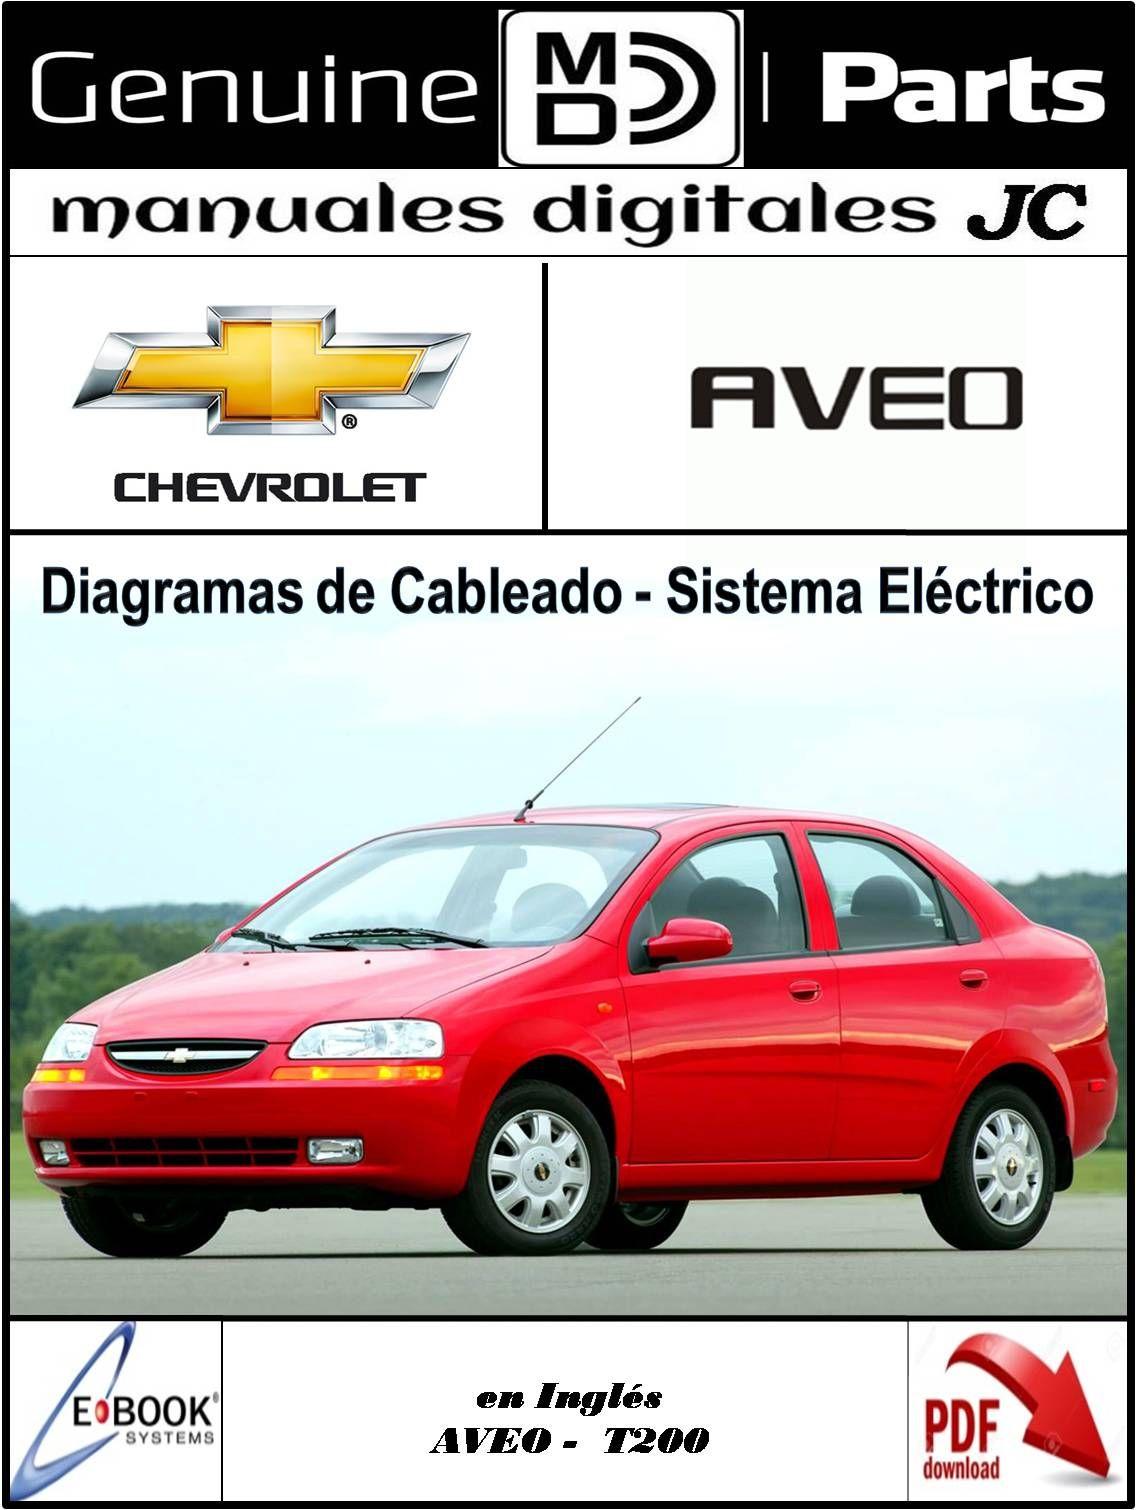 Manual Diagramas De Cableado Y Sistema Electrico Para El Chevrolet Aveo Correo Manualesdigitalesjc Gmail Com Tl